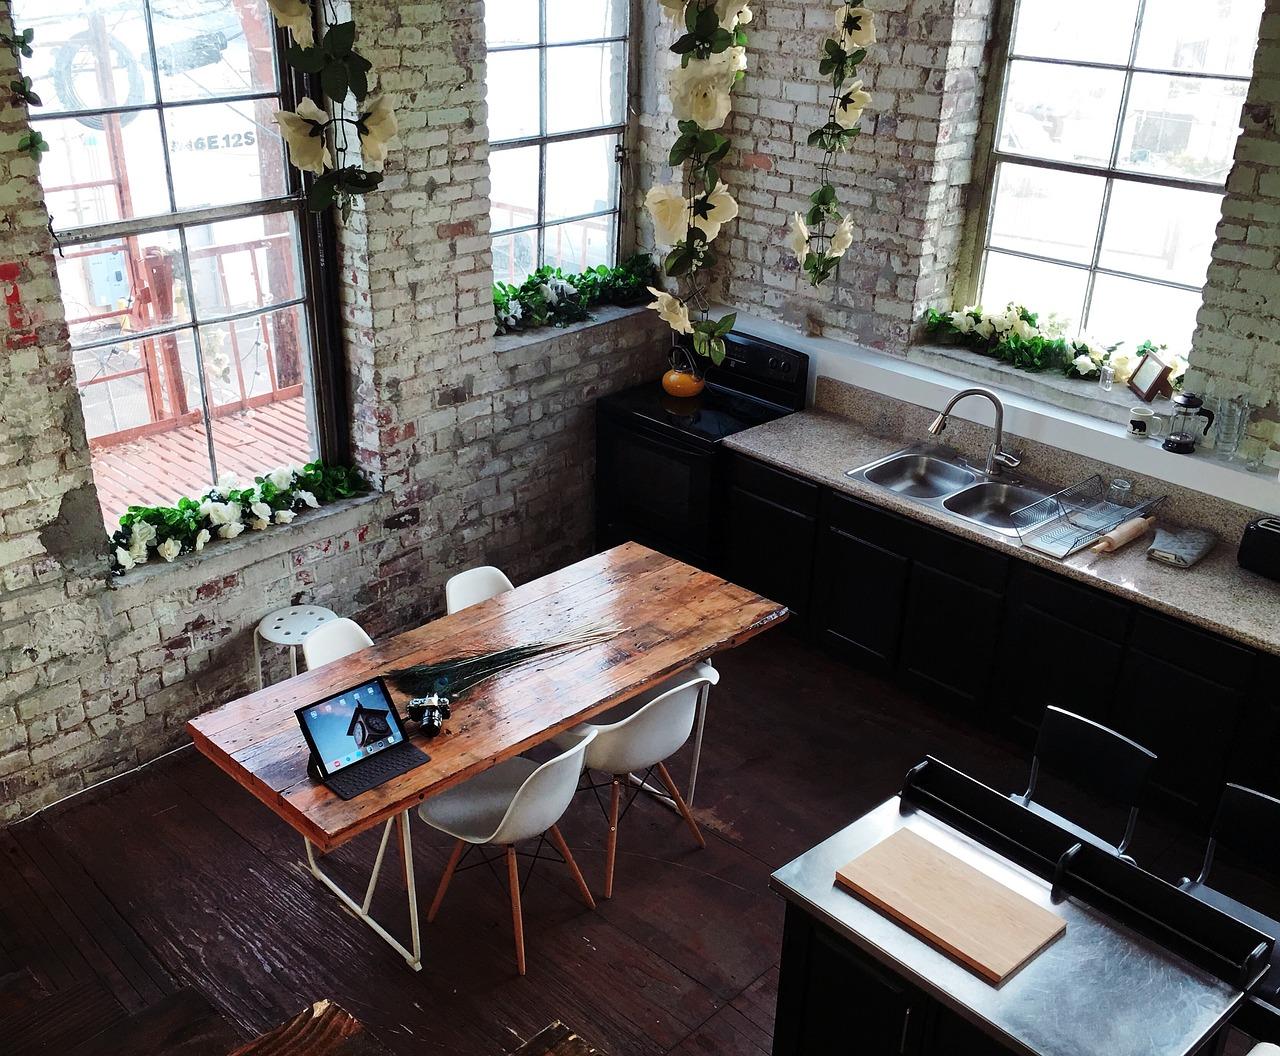 Die neusten Trends in Sachen Küchengestaltung